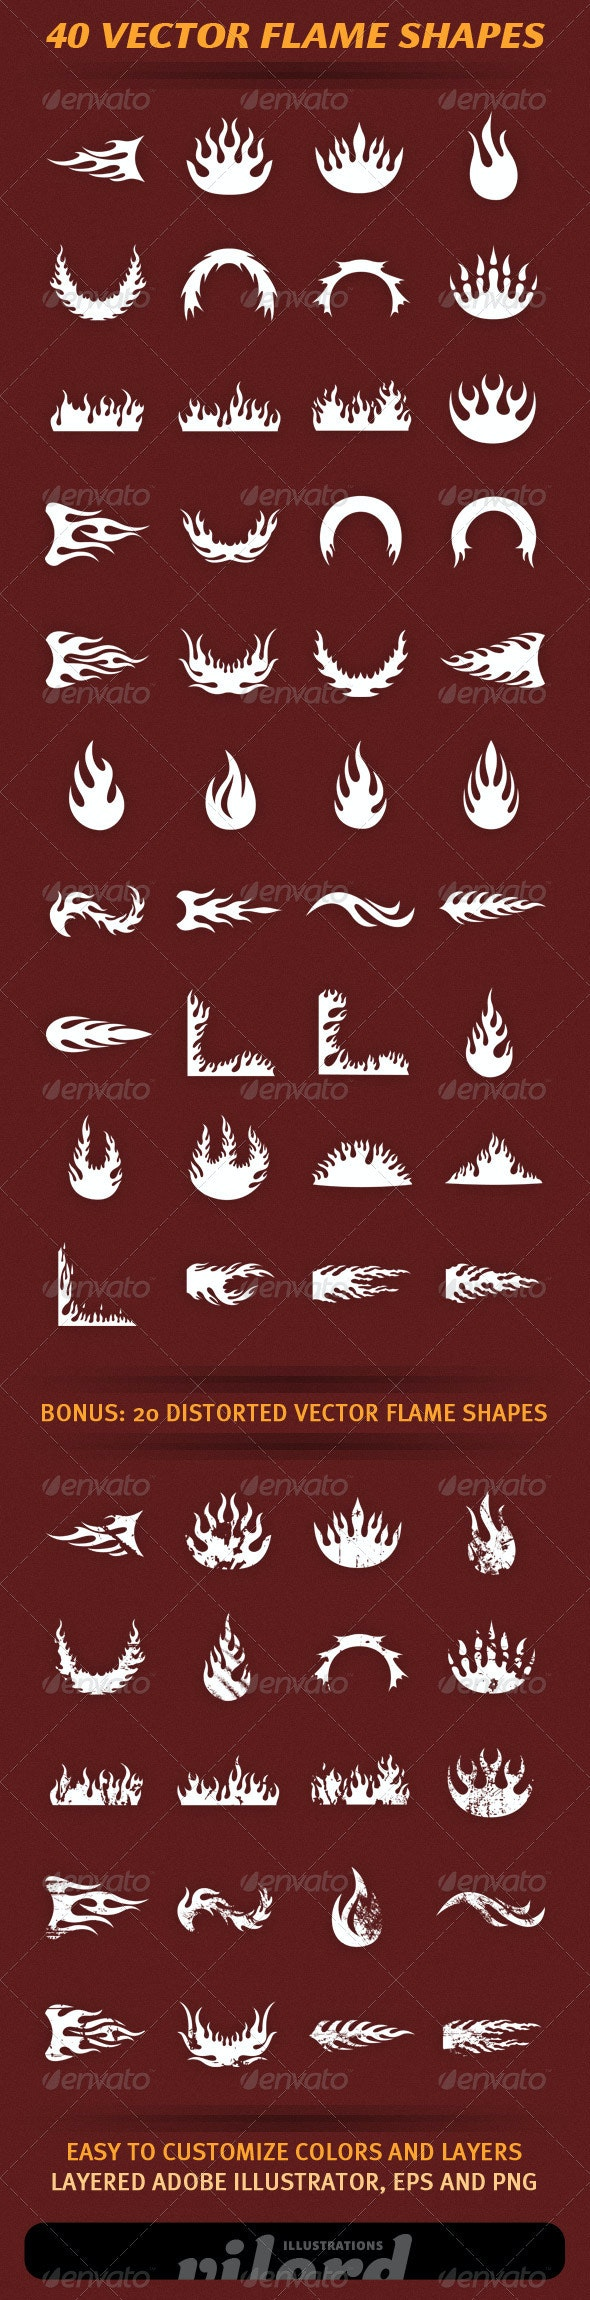 40 Vector Flame Shapes 2 - Decorative Vectors